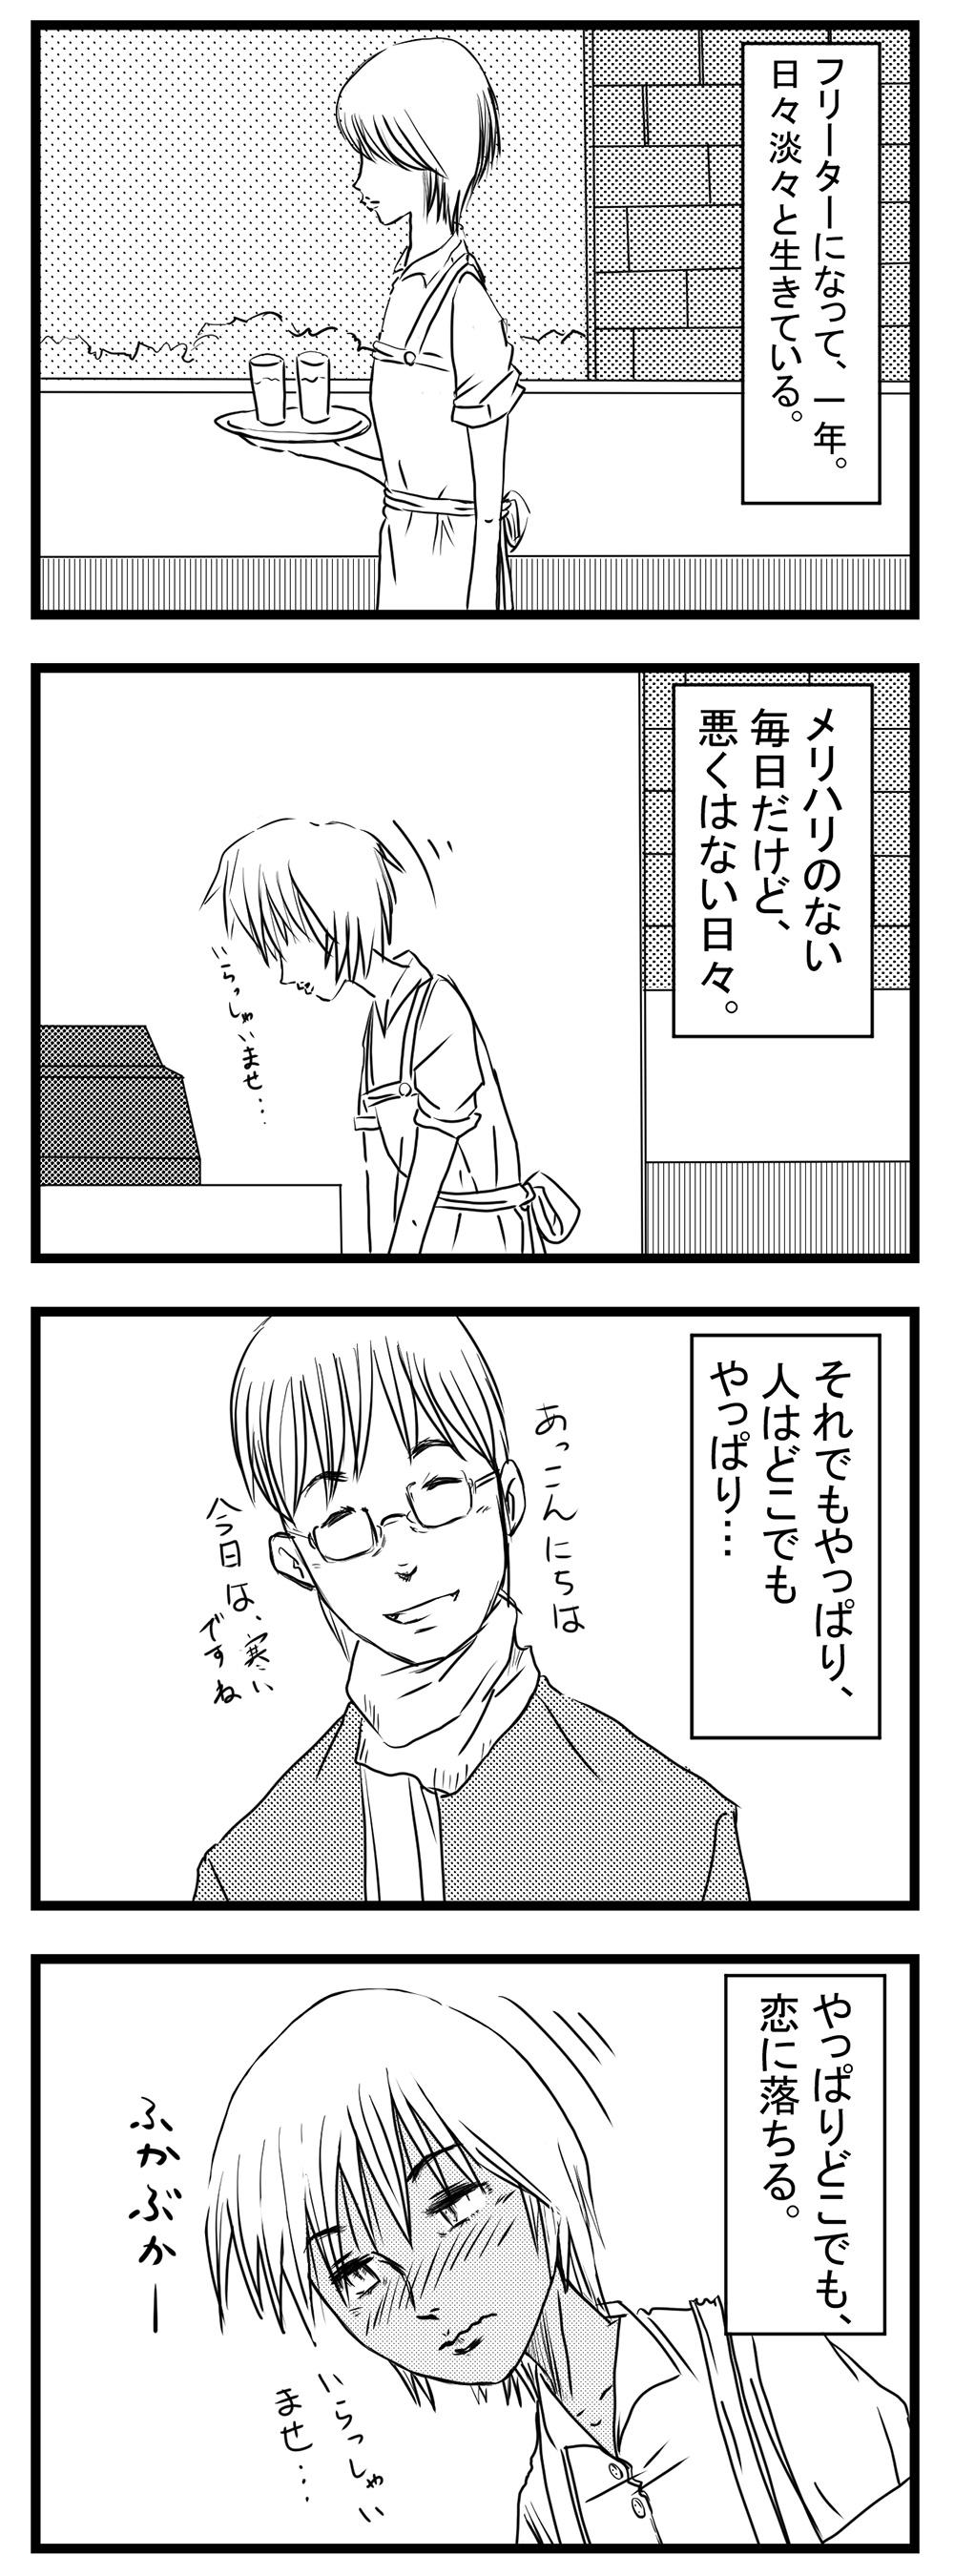 4コマ漫画「恋子の毎日」その1(Raytrektabで描く漫画)#4コマ漫画 #Raytrektab #恋愛